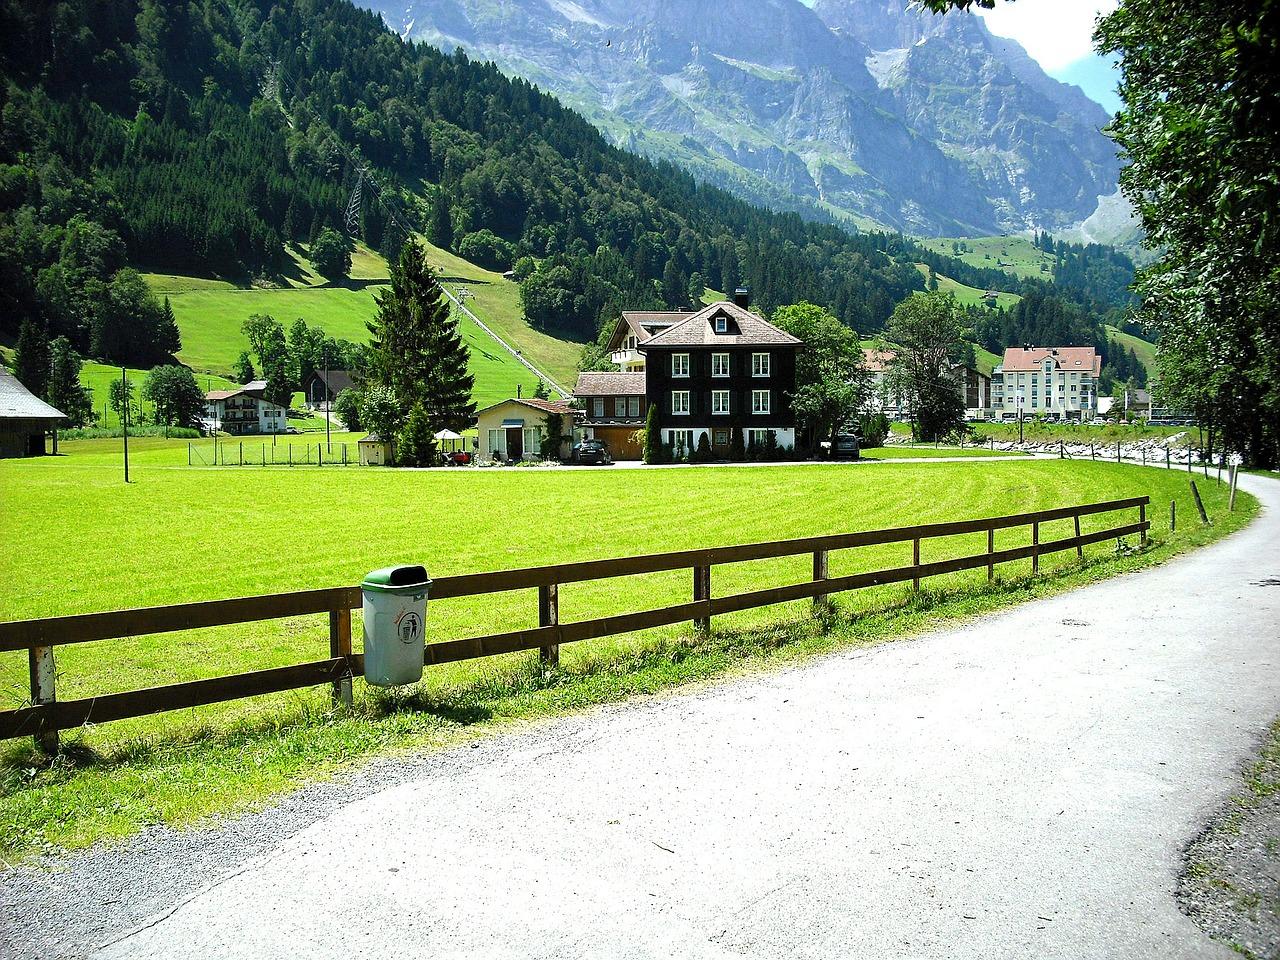 Wynajmowanie domu na wsi – plusy i minusy